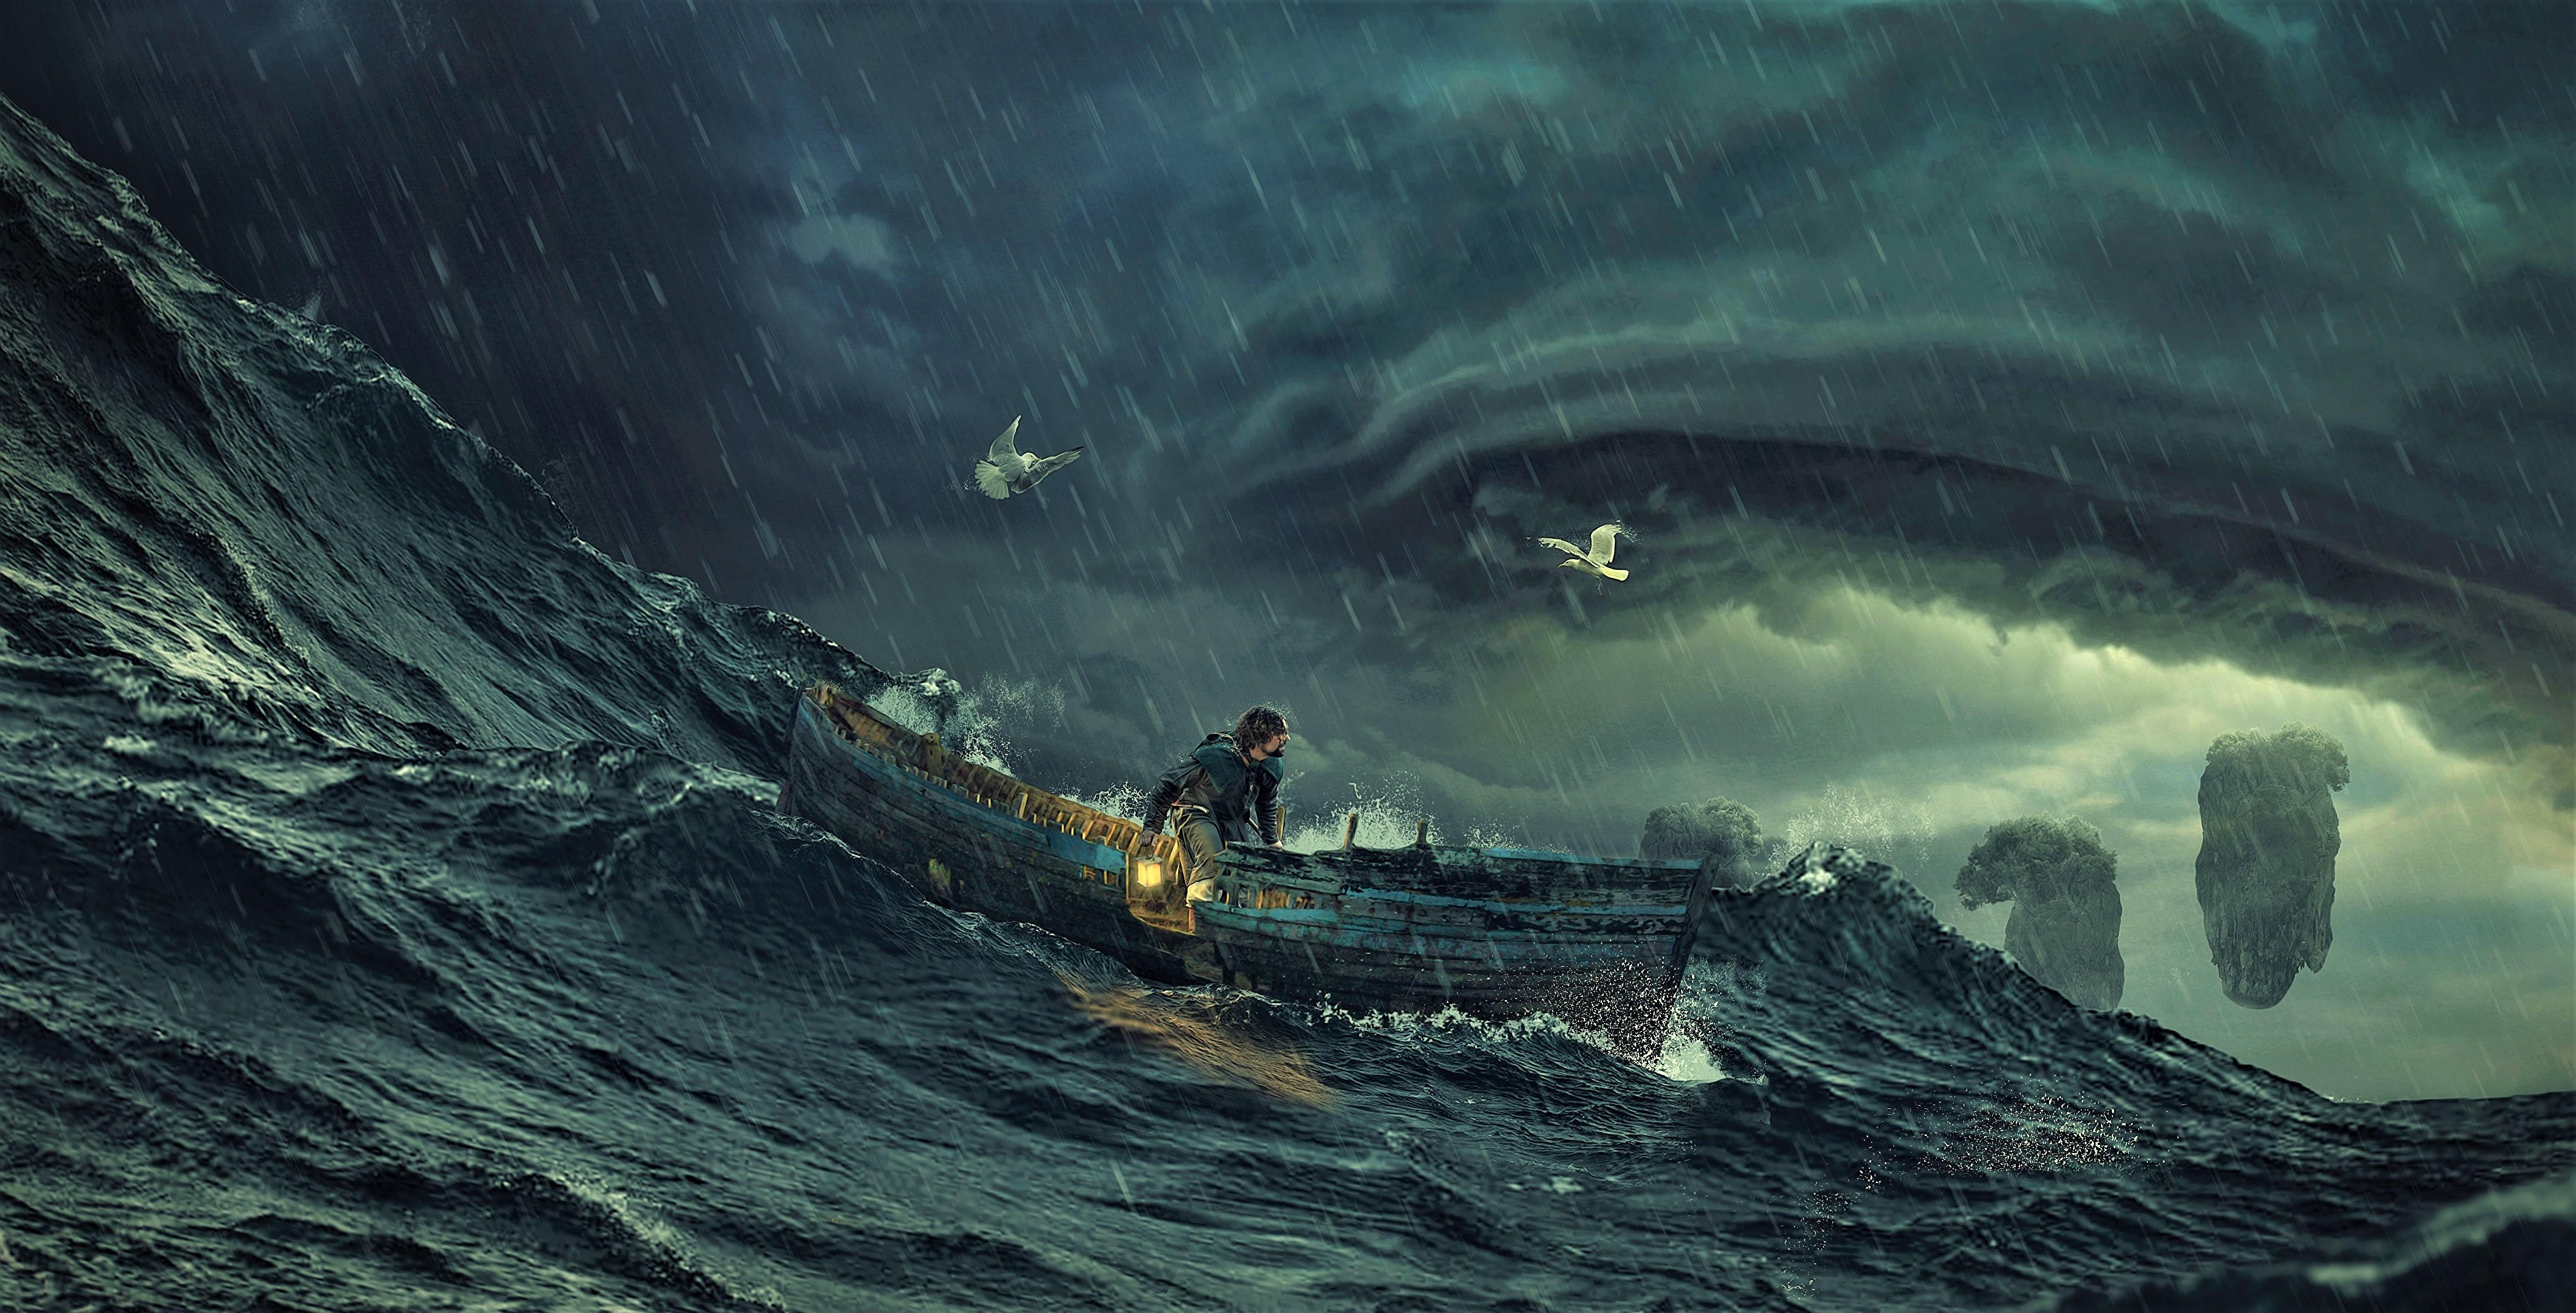 Storm At Sea 4k Ultra Fondo De Pantalla Hd Fondo De